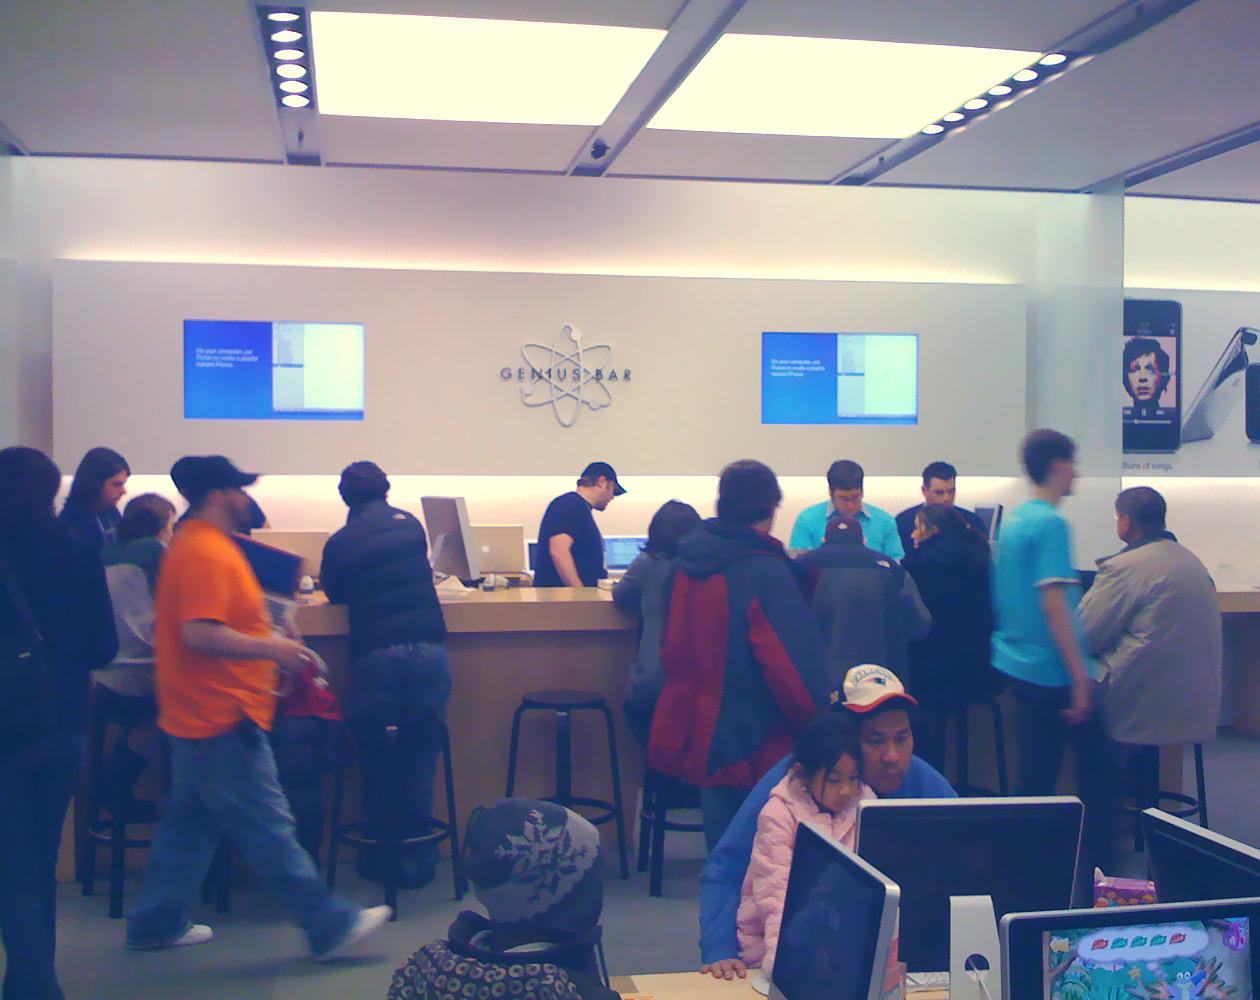 Вместо анекдотов: разговоры в американских Apple Store